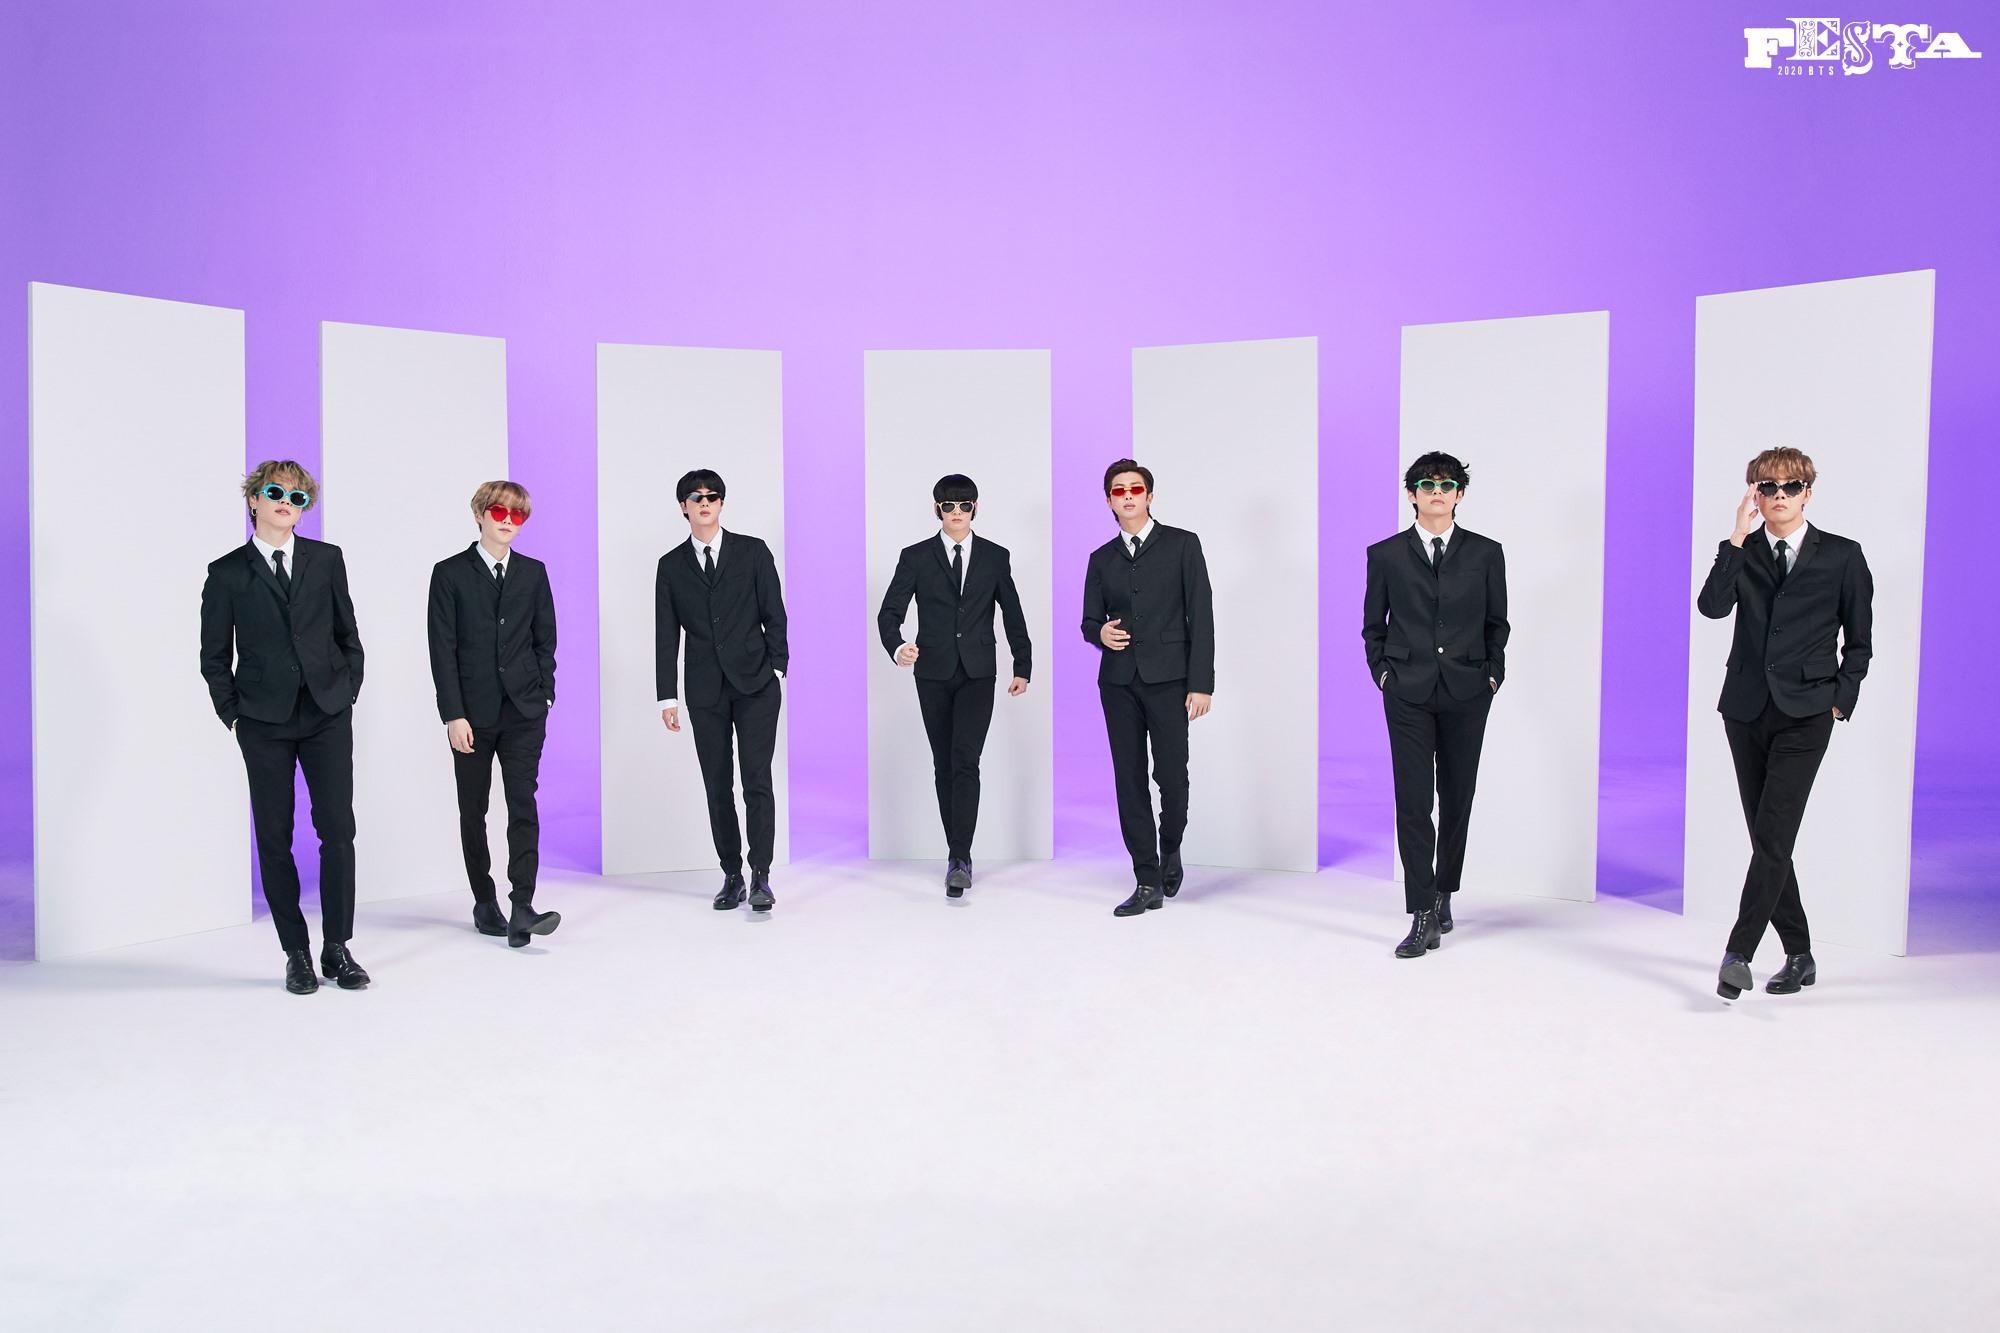 BTS FESTA 2020 - Клип: BTS - We Are Bulletproof: The Eternal